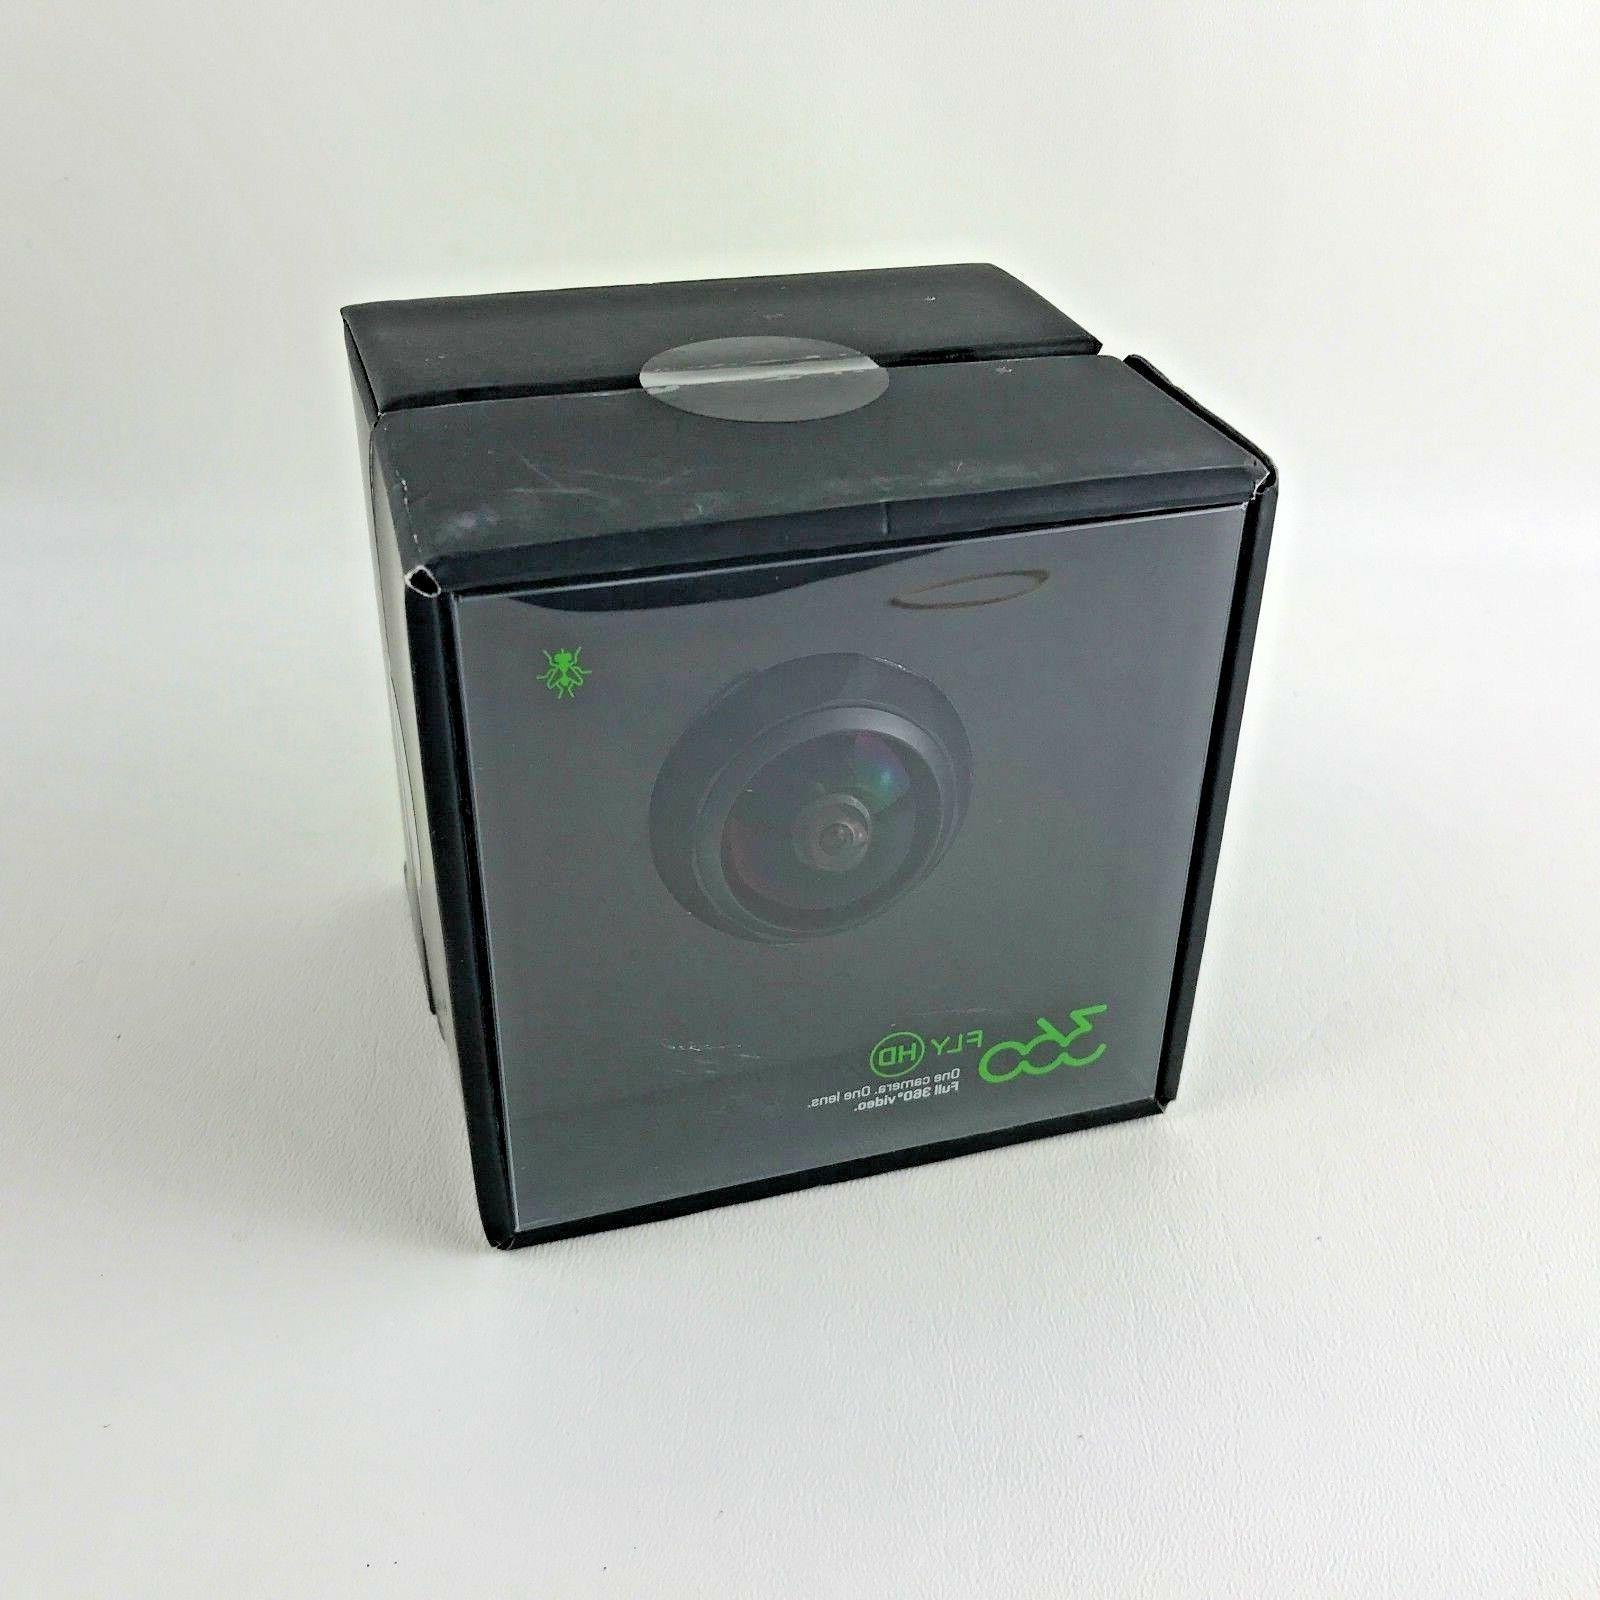 NEW 360Fly Degree HD Video - Black Gen 360FLYBLK